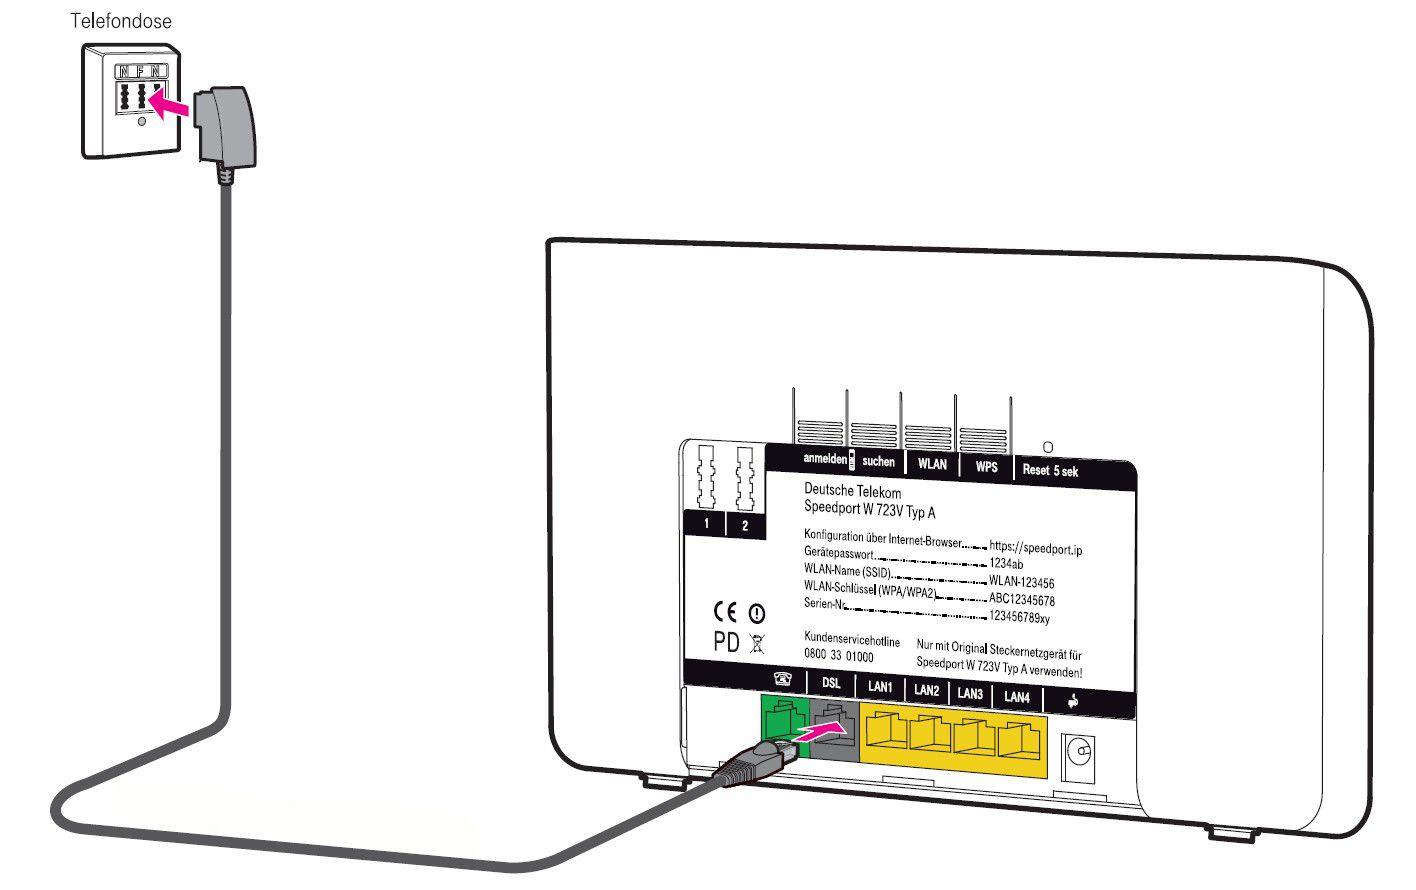 ip telefonanschluss das sind die vor und nachteile pc. Black Bedroom Furniture Sets. Home Design Ideas